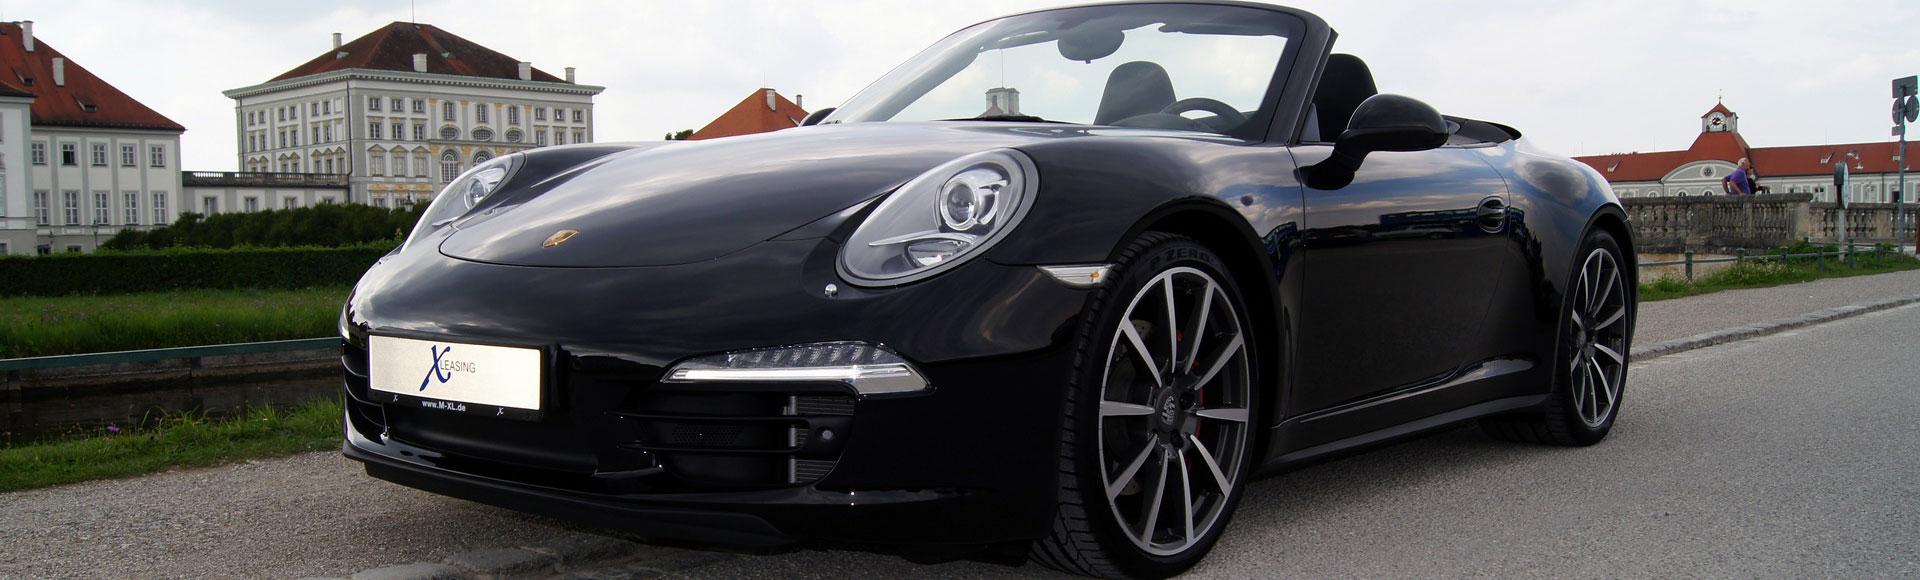 Porsche 991 4S Cabrio 2013 Sommer 9768